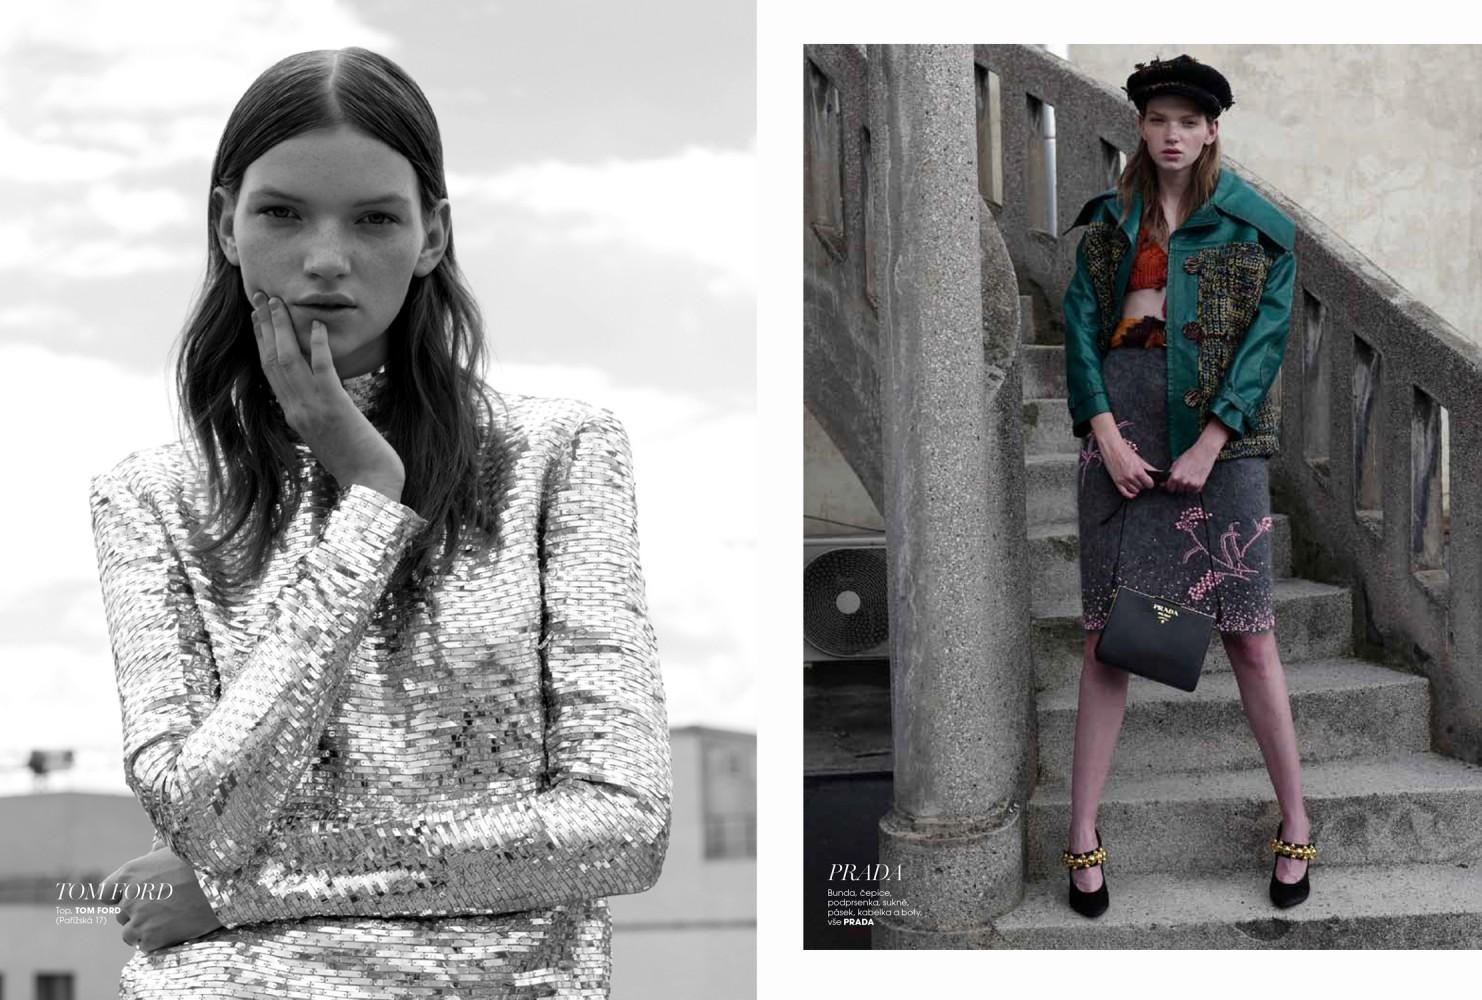 MC_09_fashion-story1-2